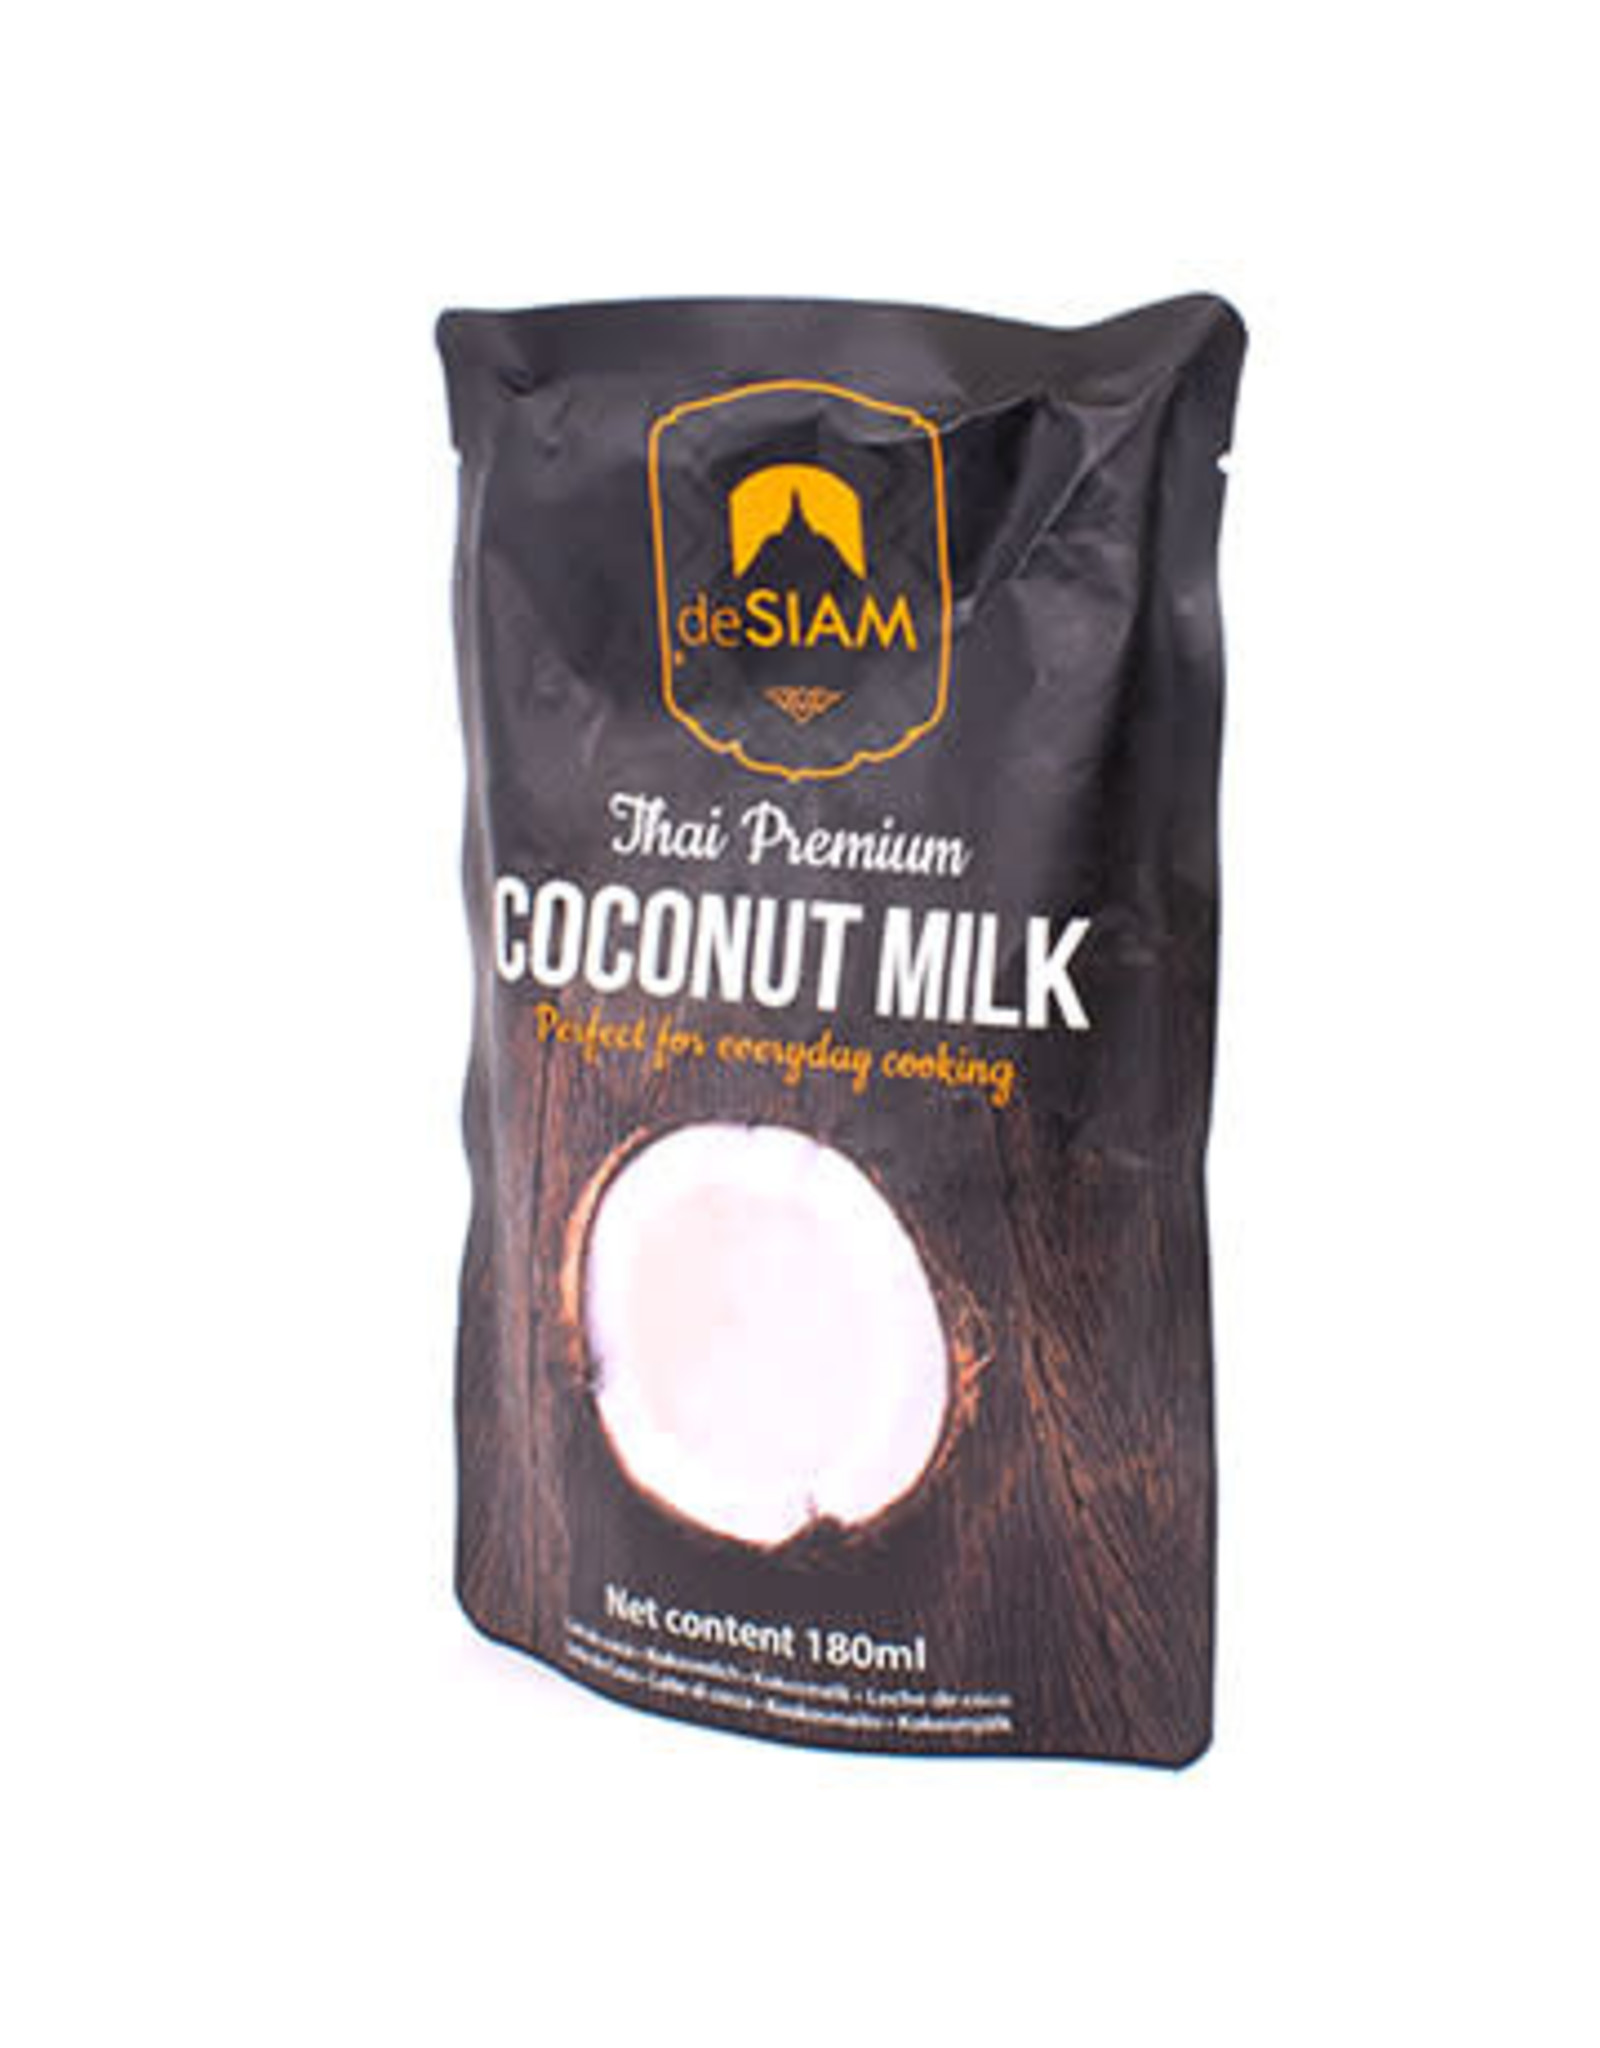 Desiam DeSiam - Coconut Milk - 400 ml can